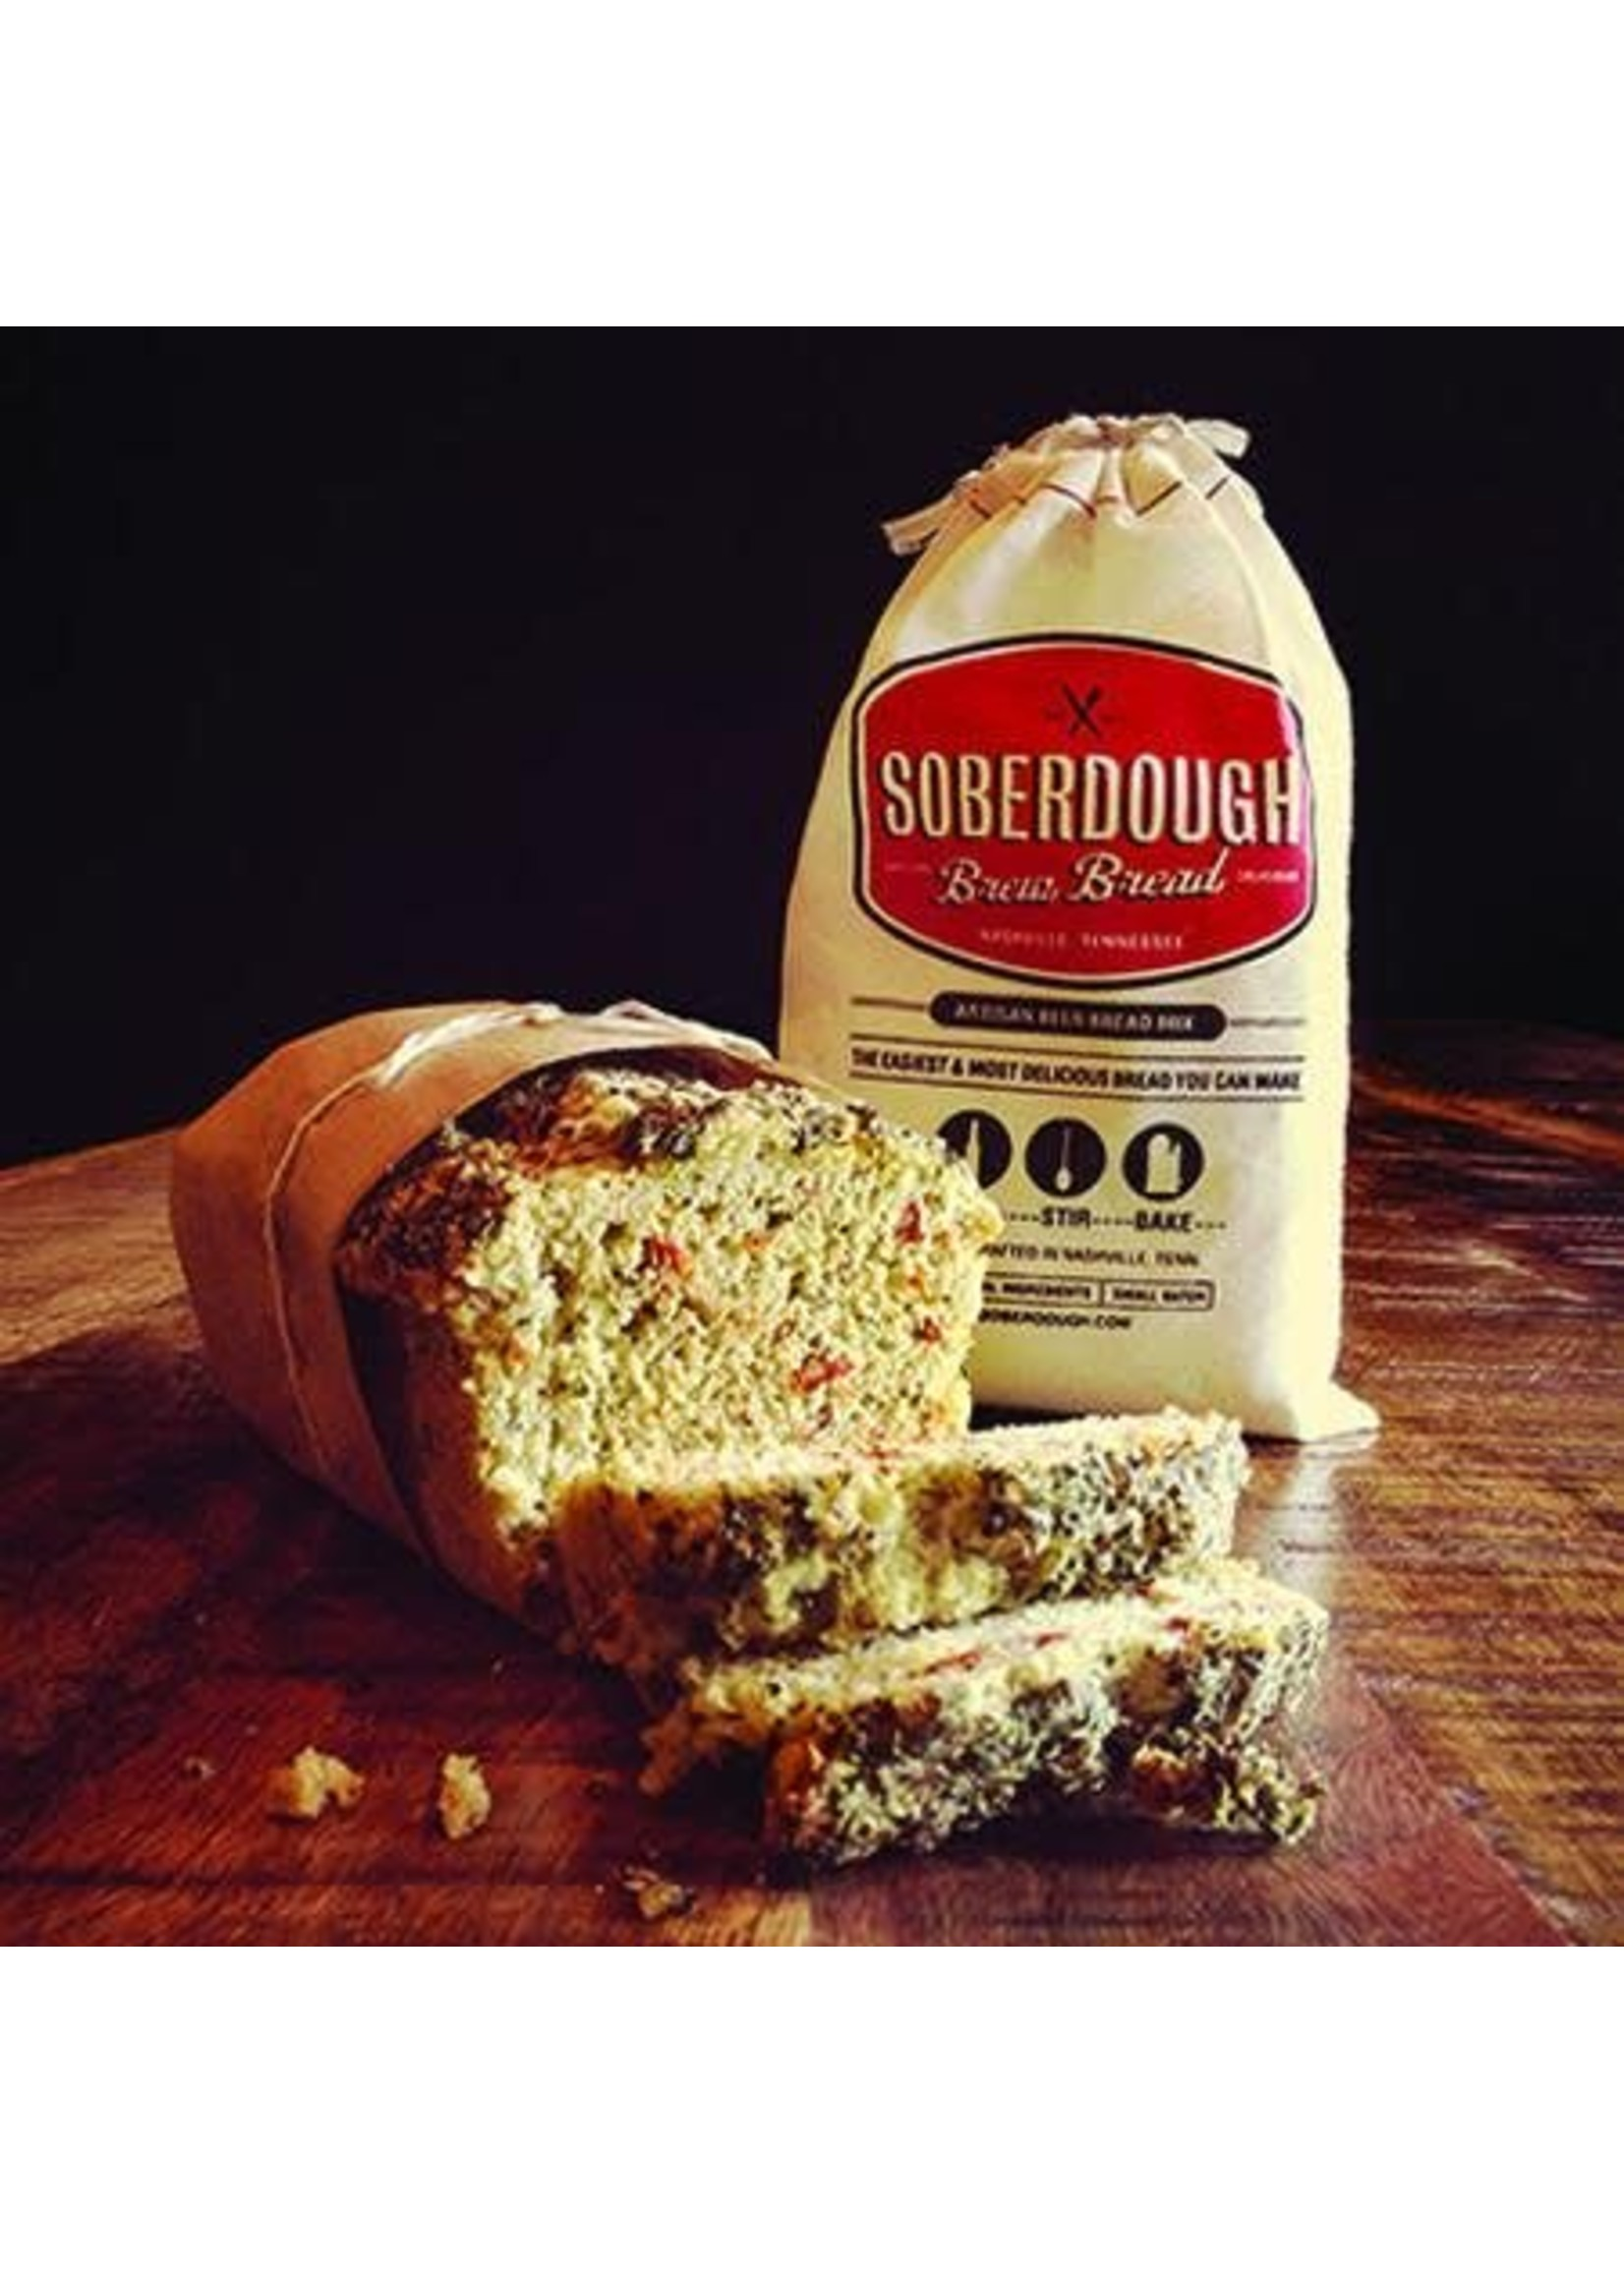 Soberdough Sundried Tomato Pesto Brew Bread Mix